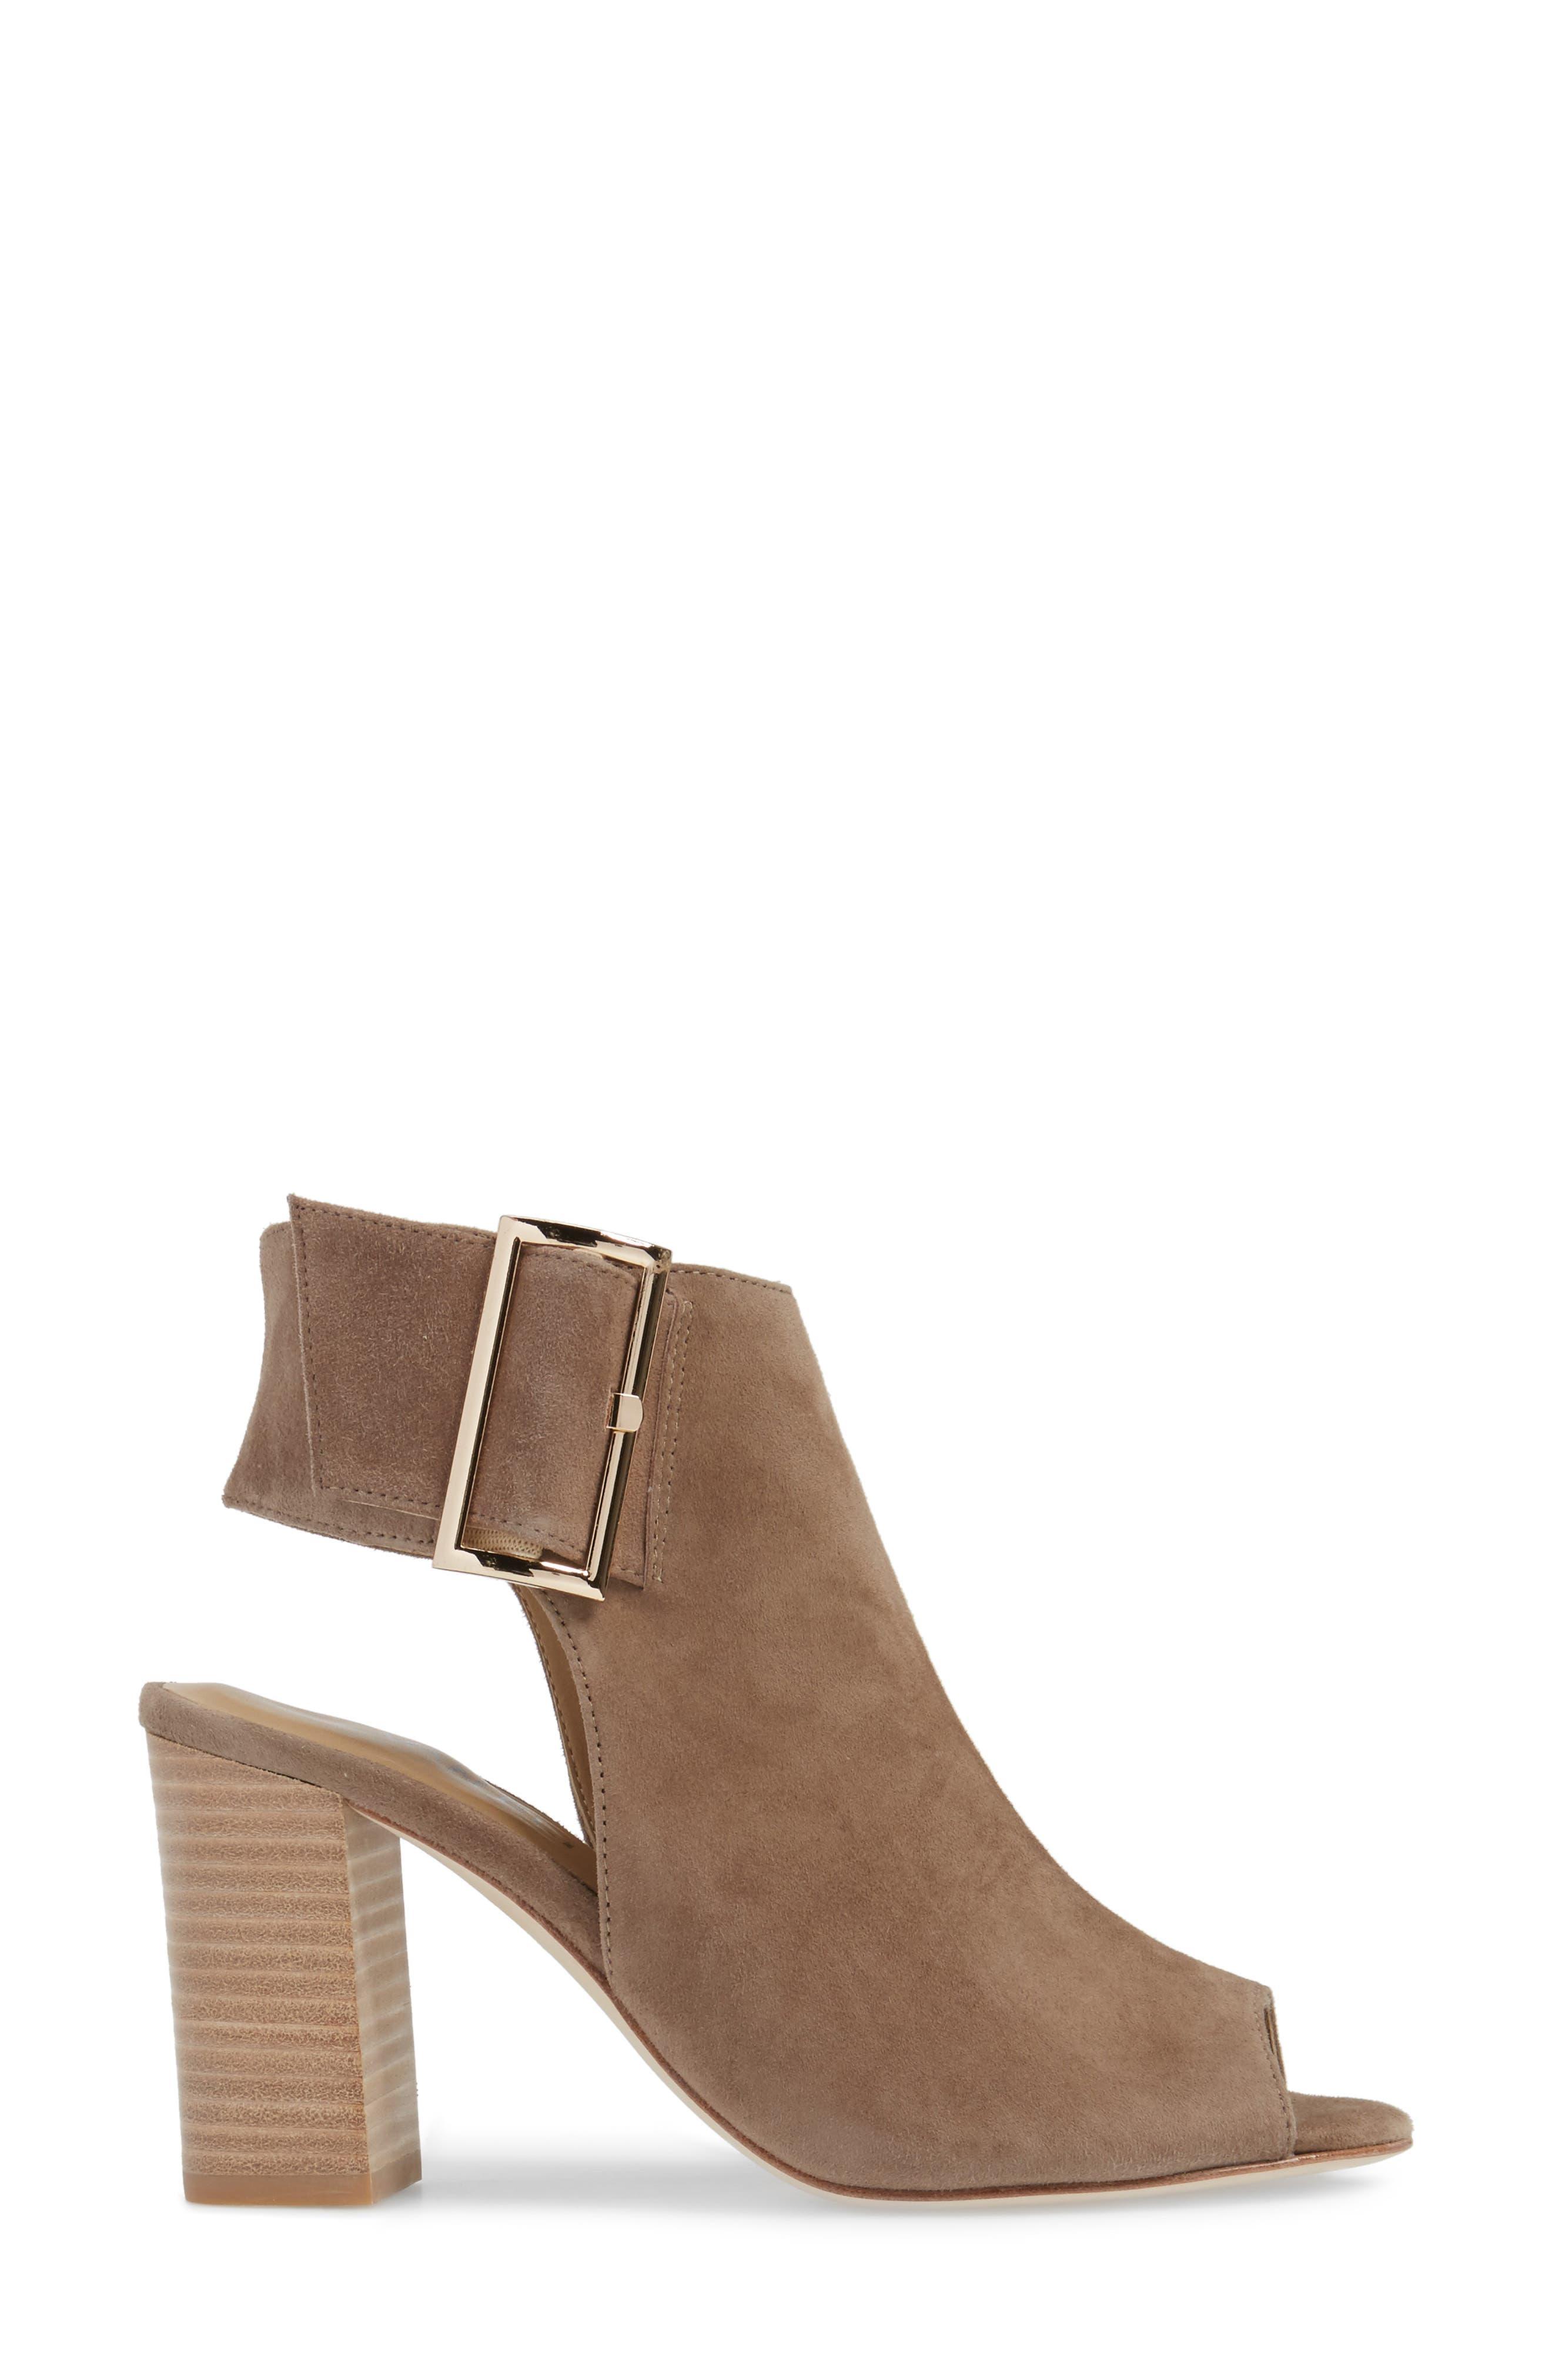 Alternate Image 3  - VANELi 'Bisa' Peep Toe Slingback Sandal (Women)